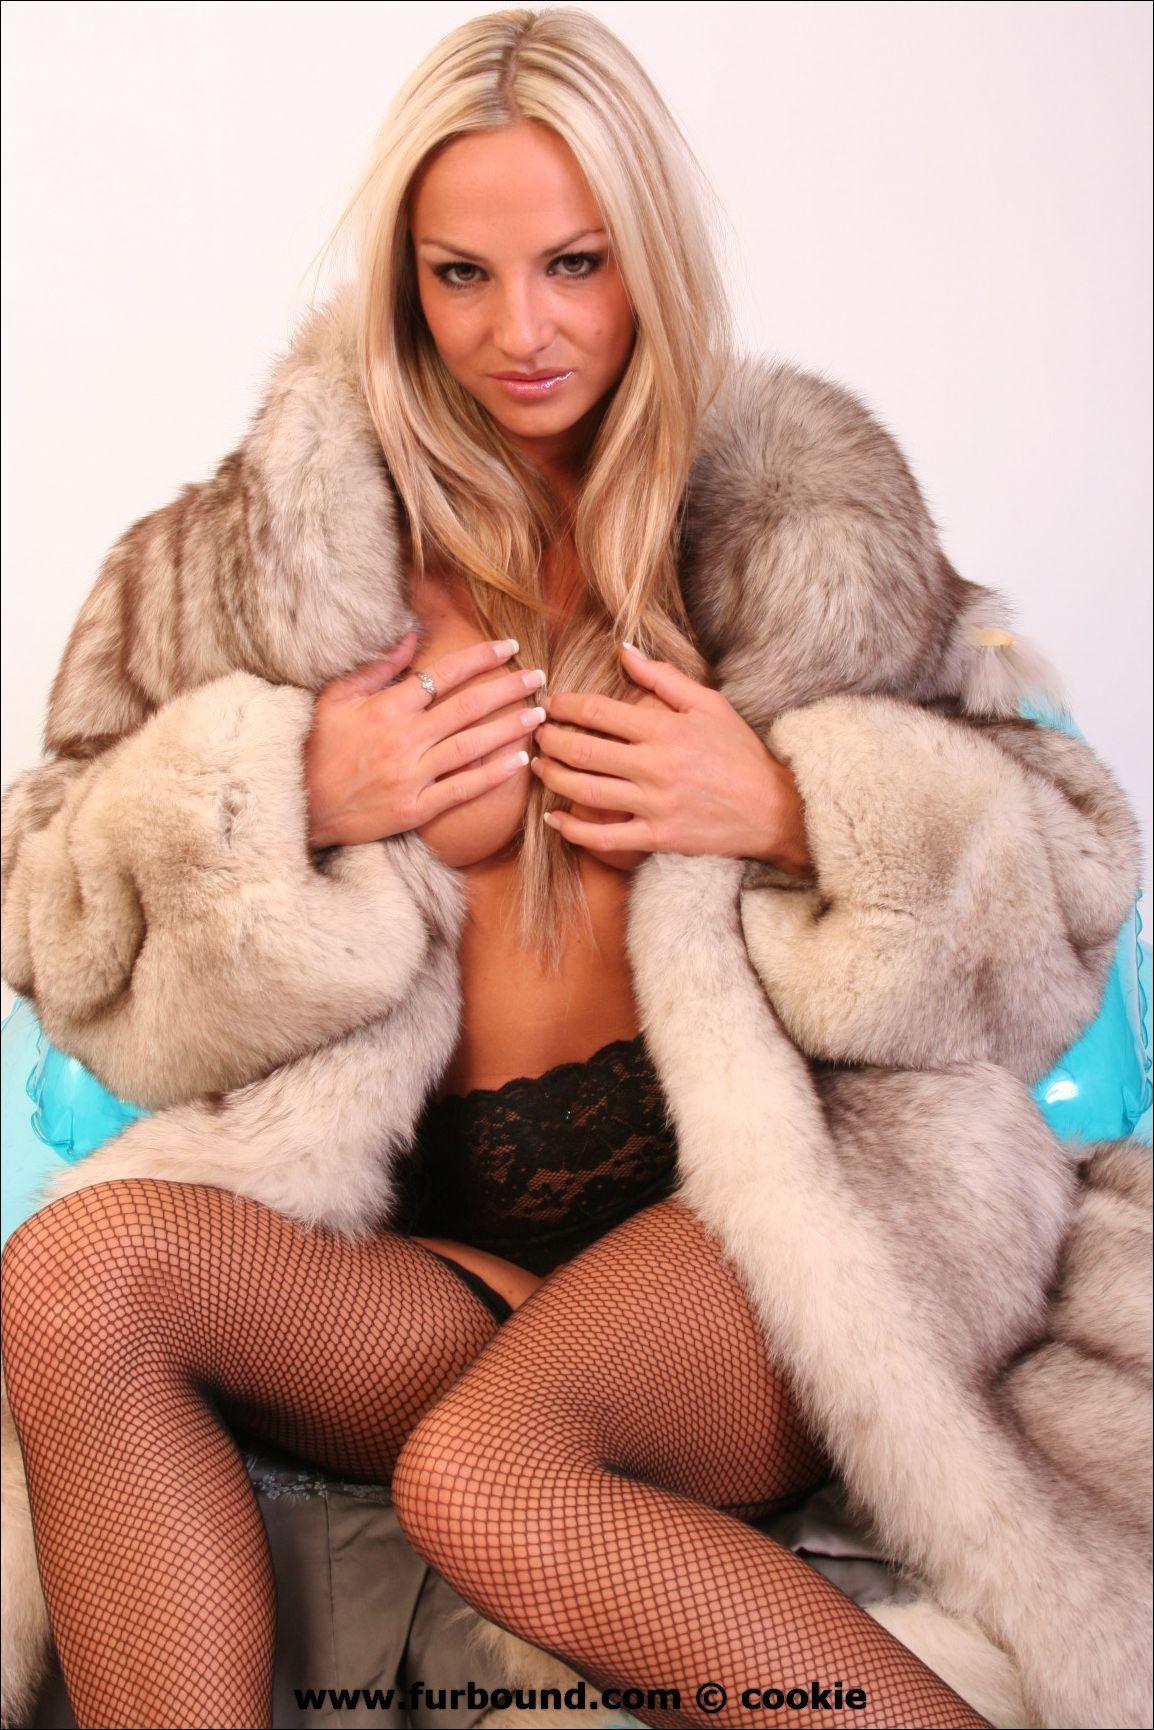 girls in fur coats sucking